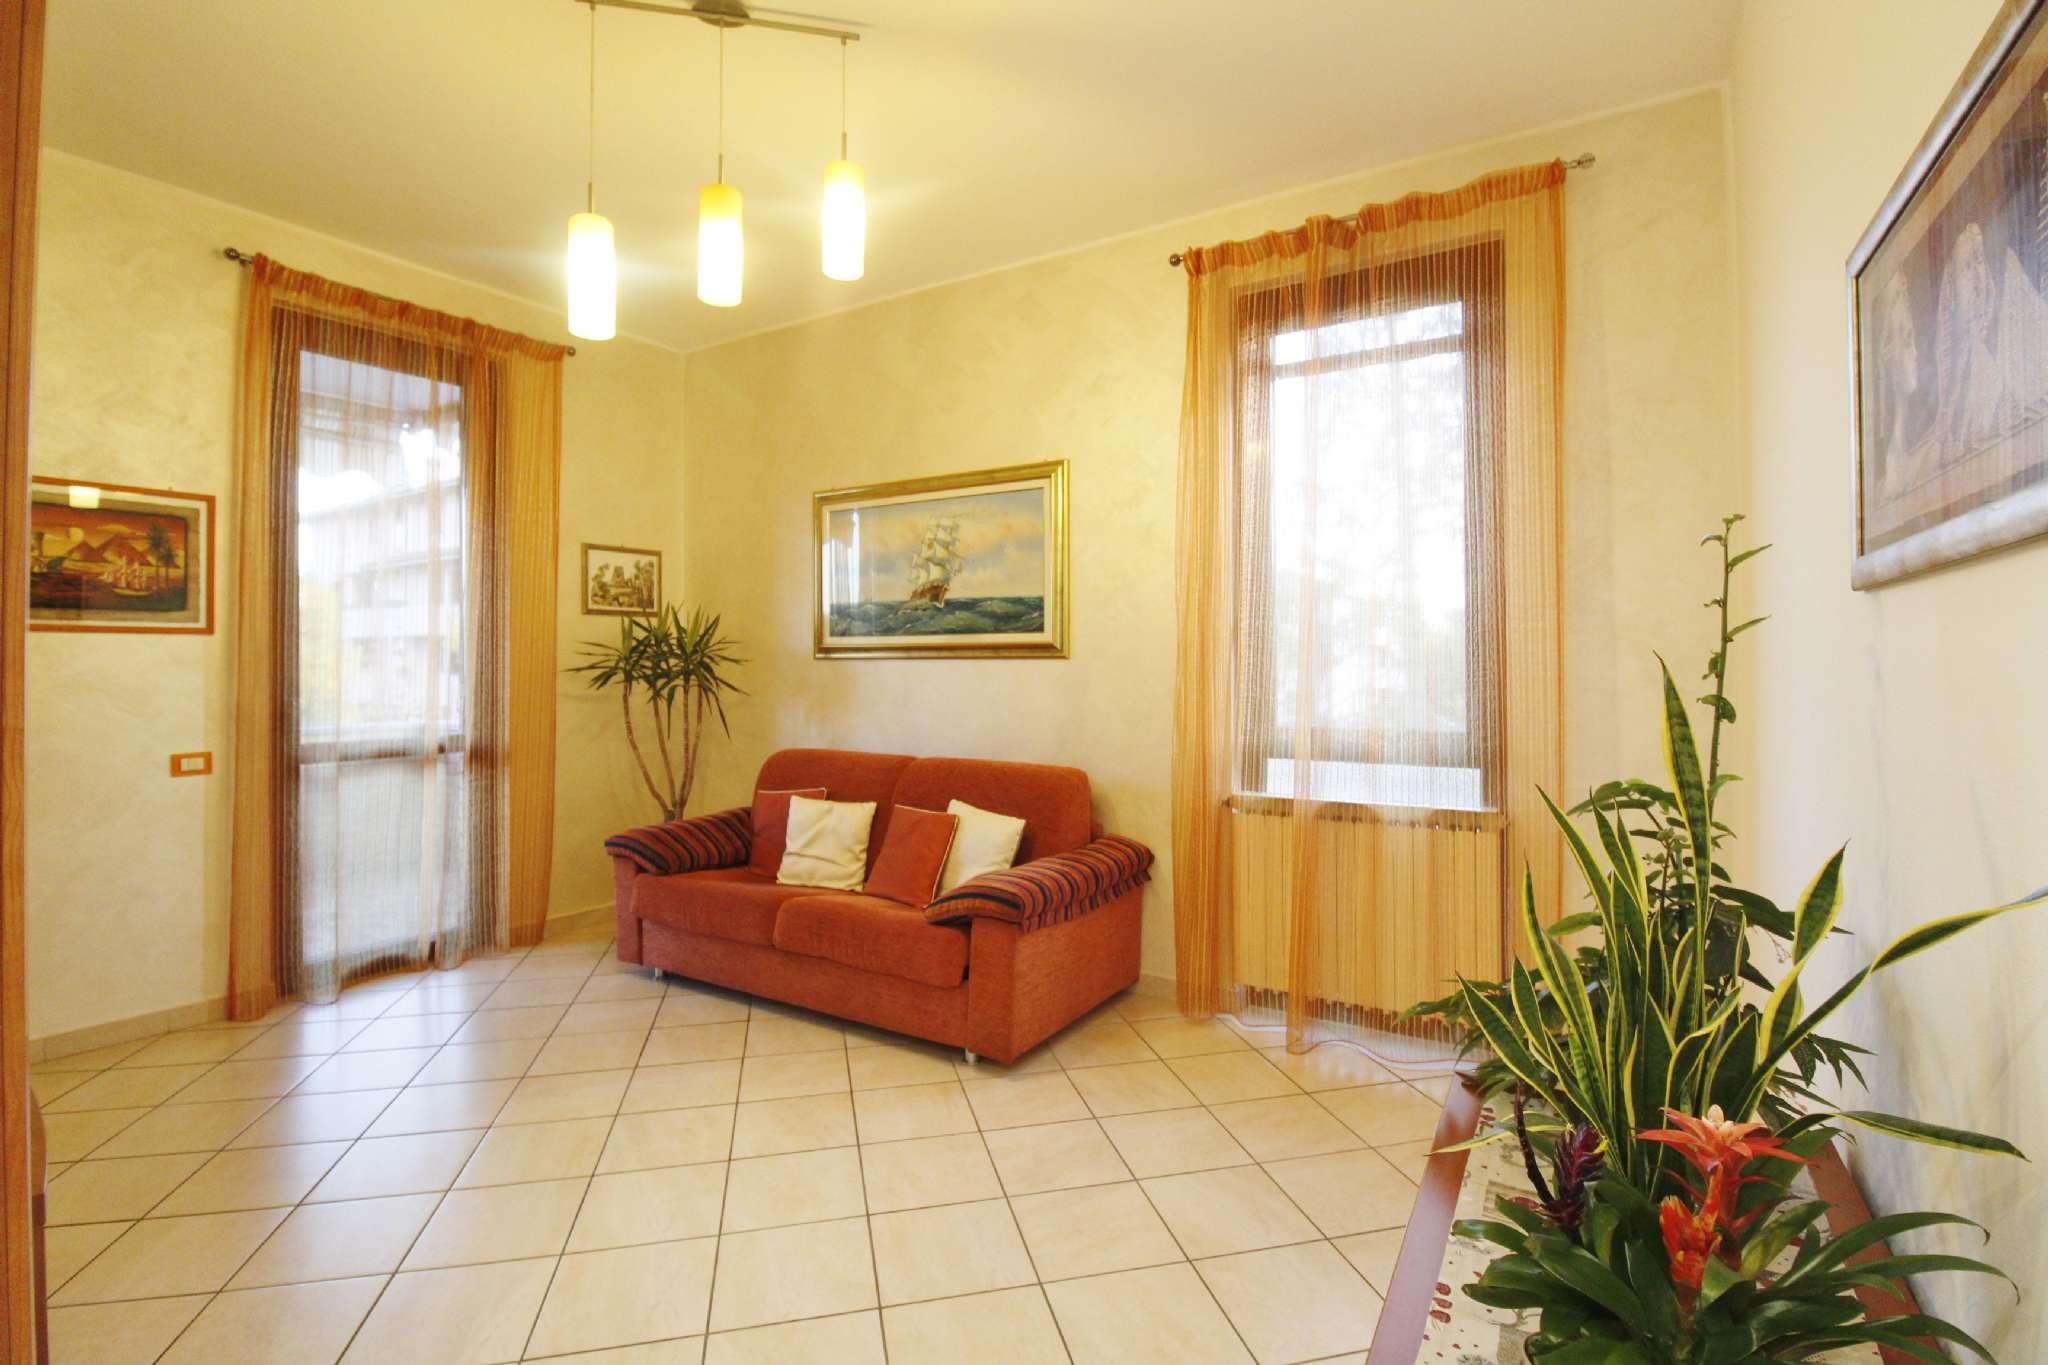 Appartamento in vendita a Vimercate, 3 locali, prezzo € 169.000   CambioCasa.it